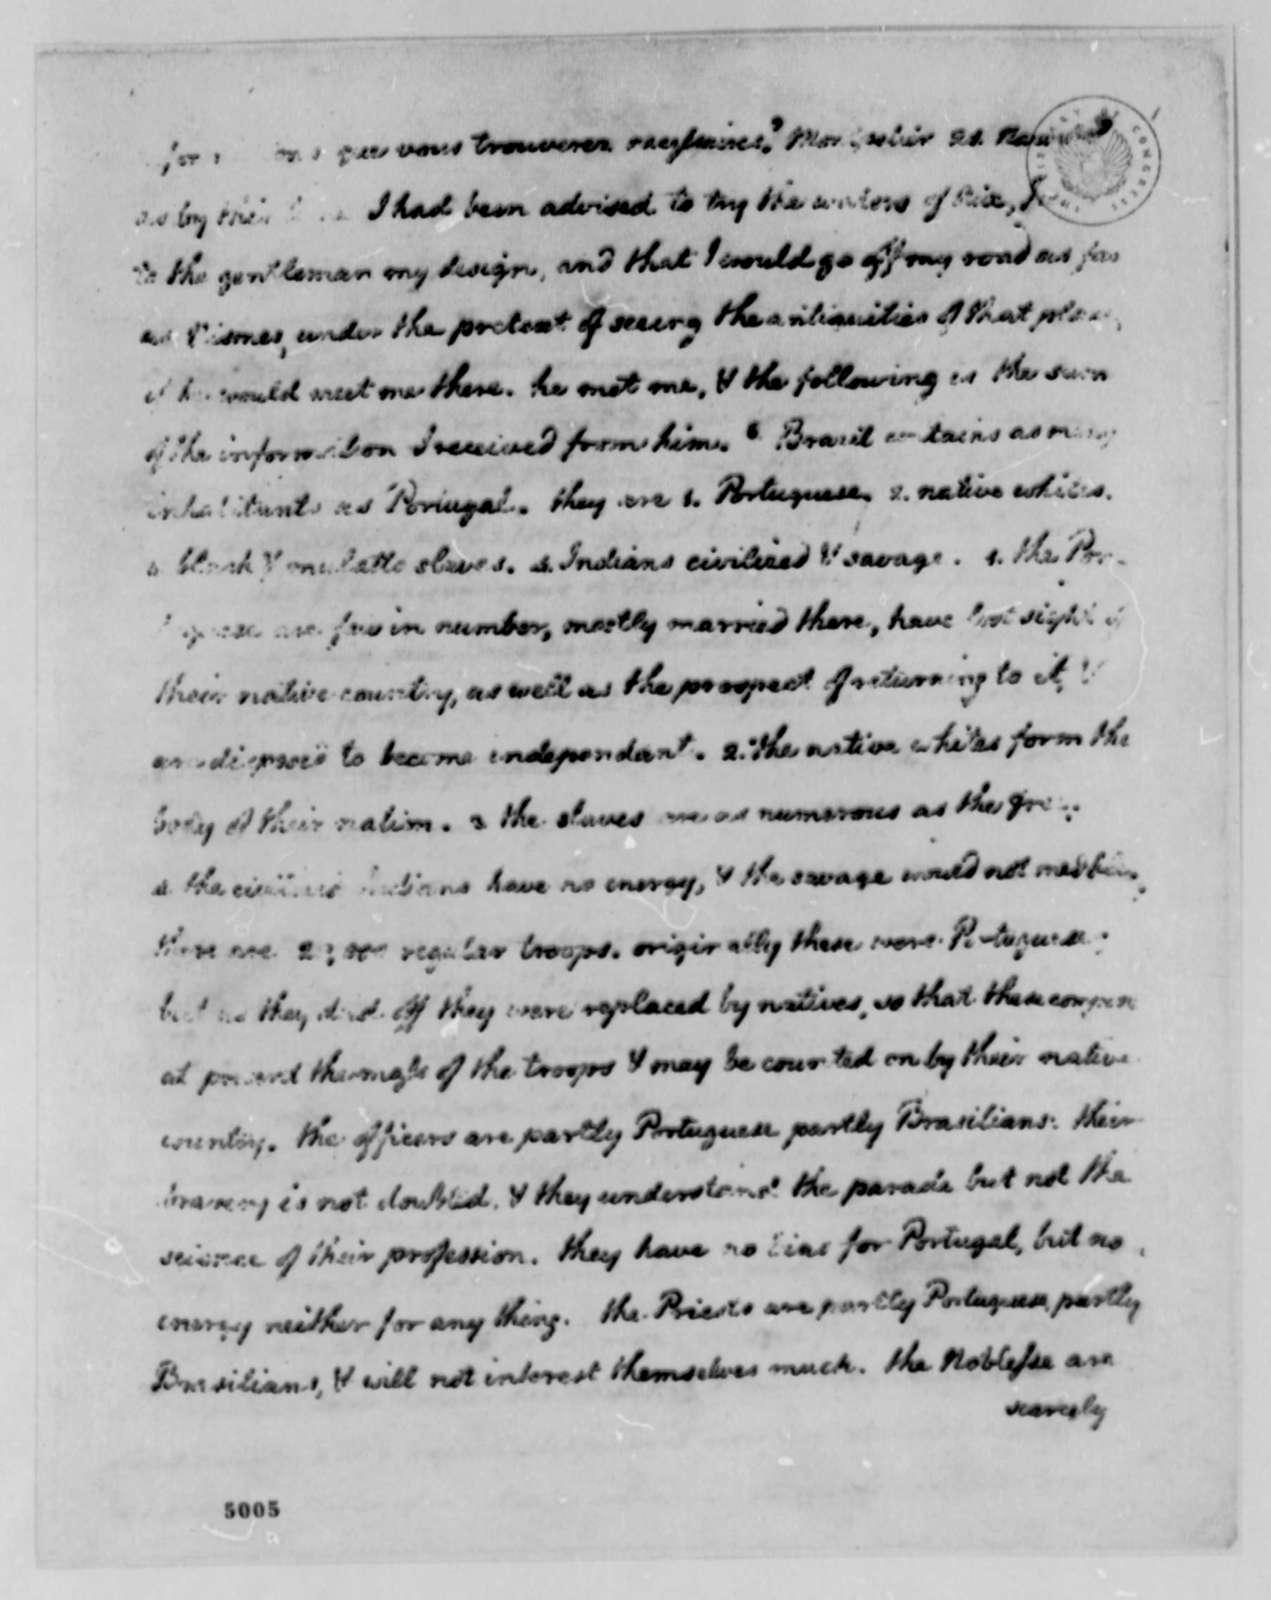 Thomas Jefferson to John Jay, May 4, 1787